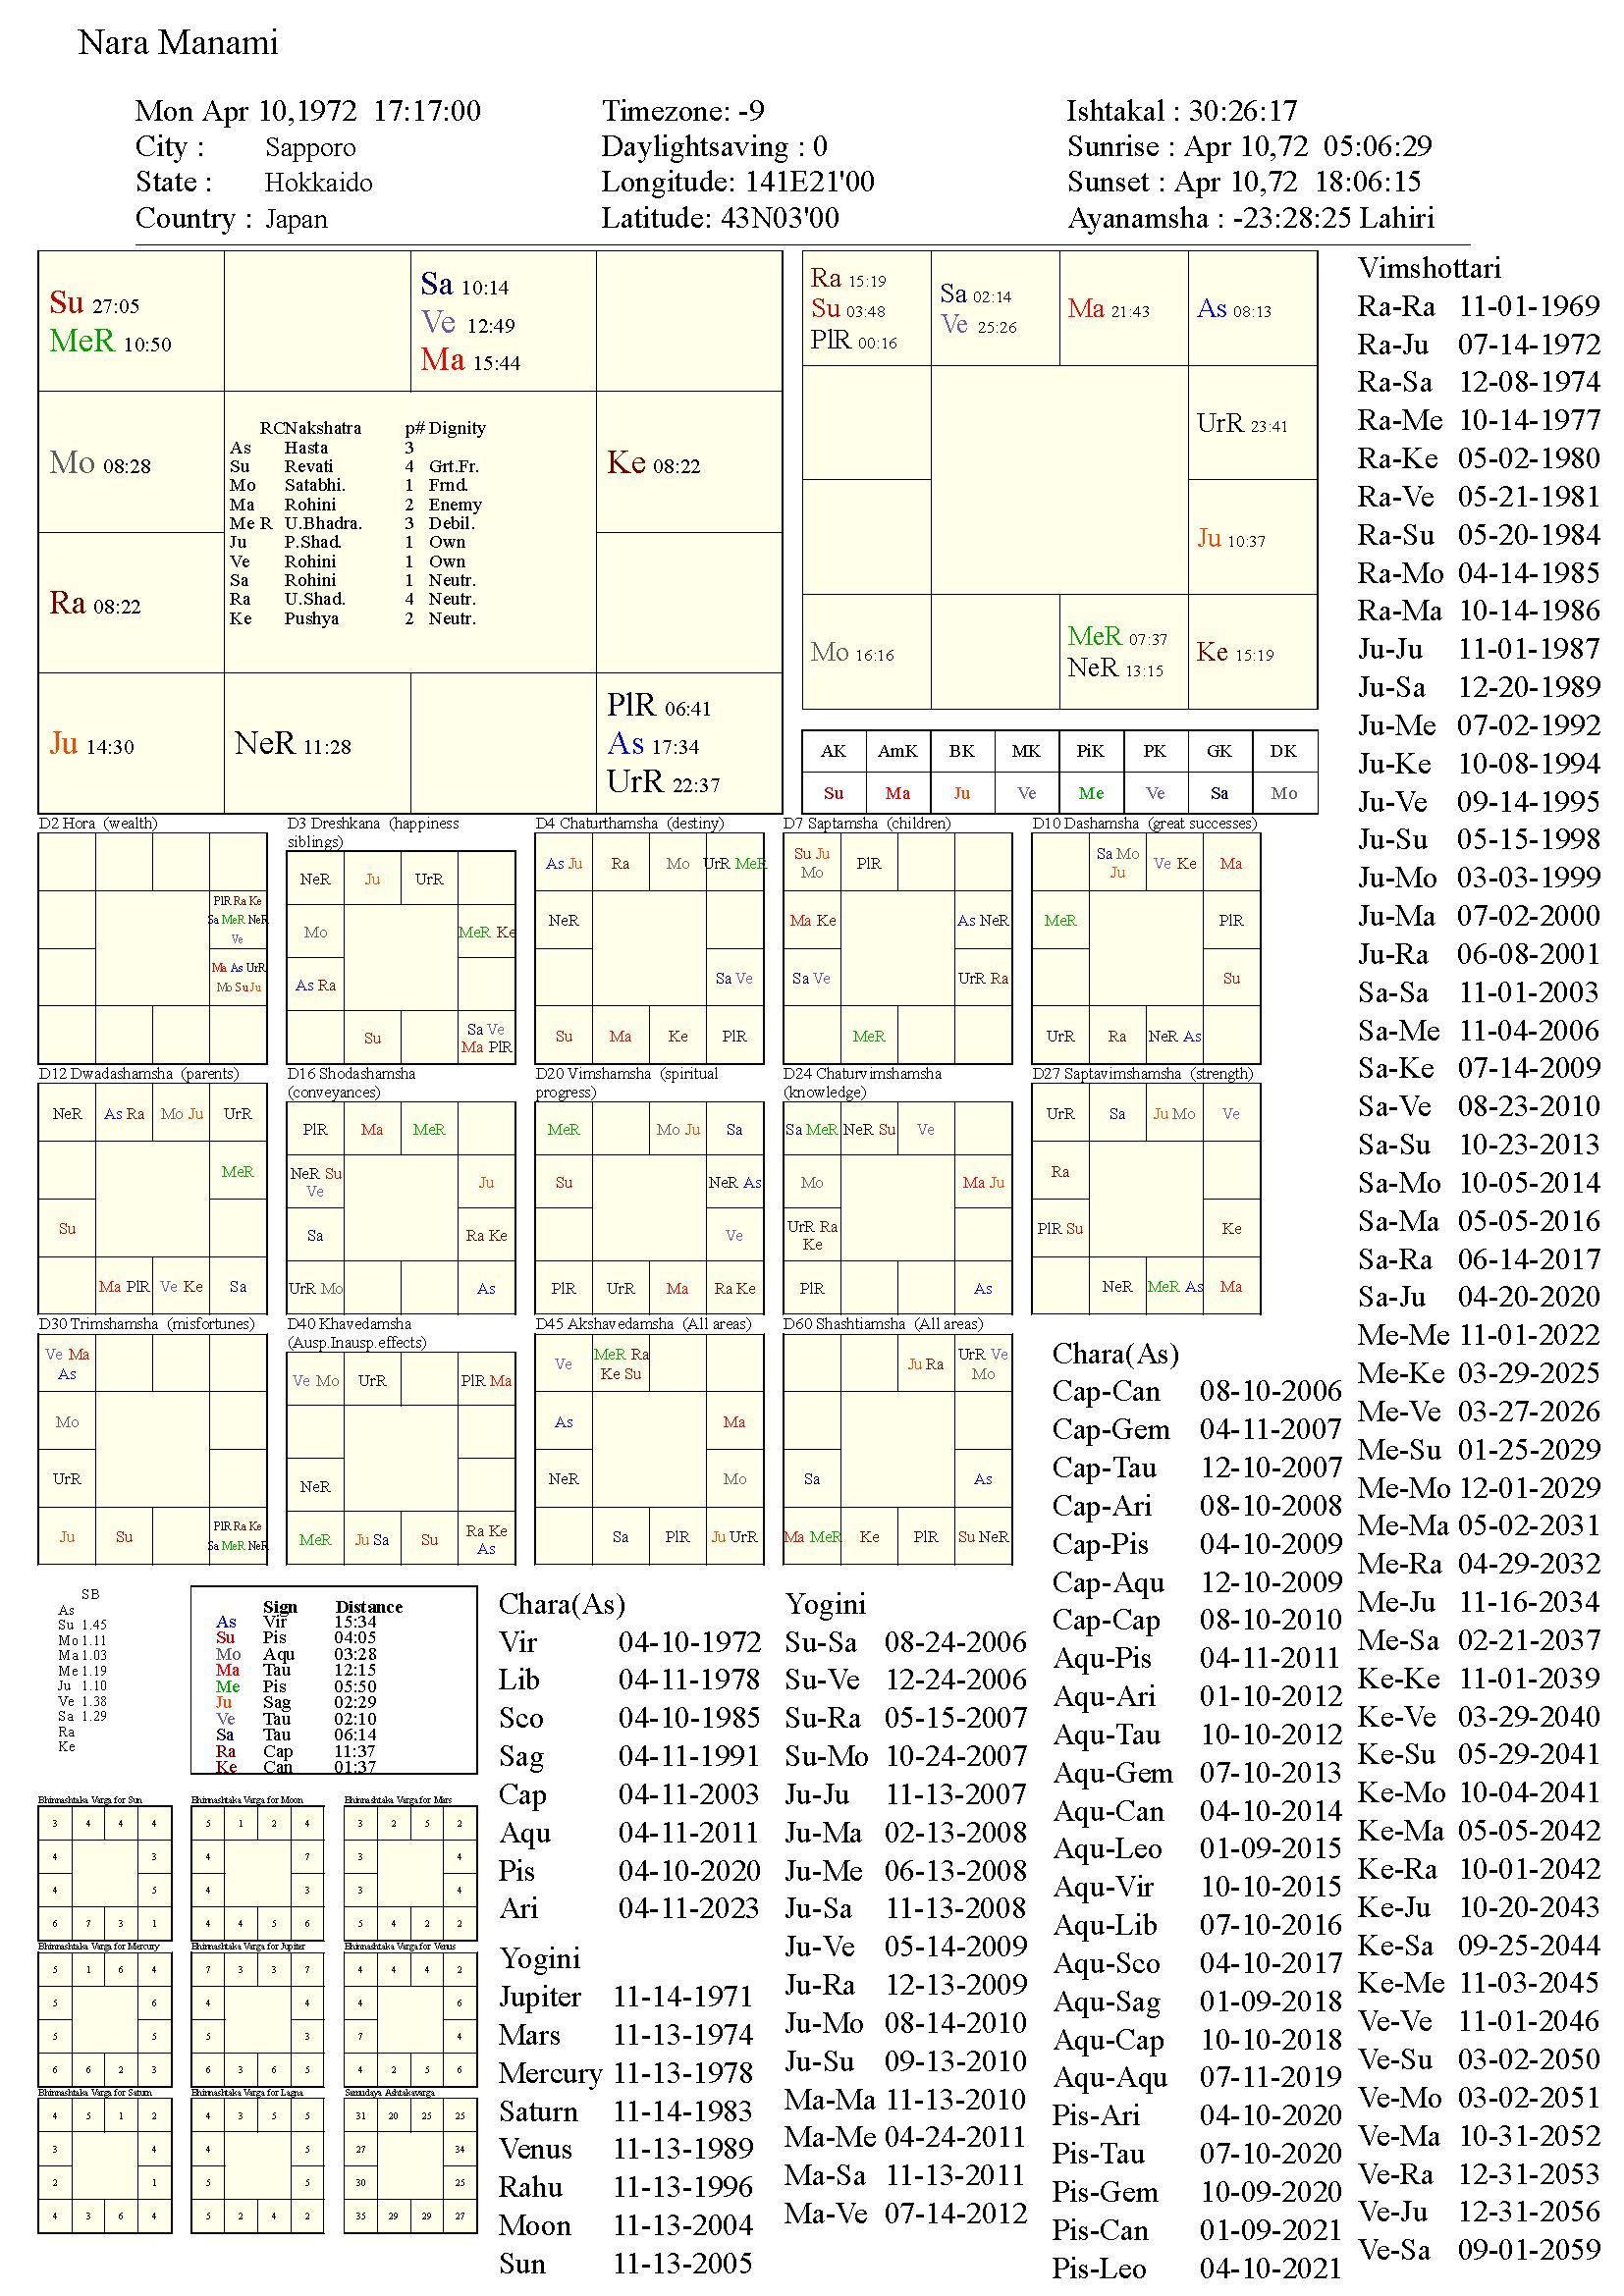 naramanami_chart